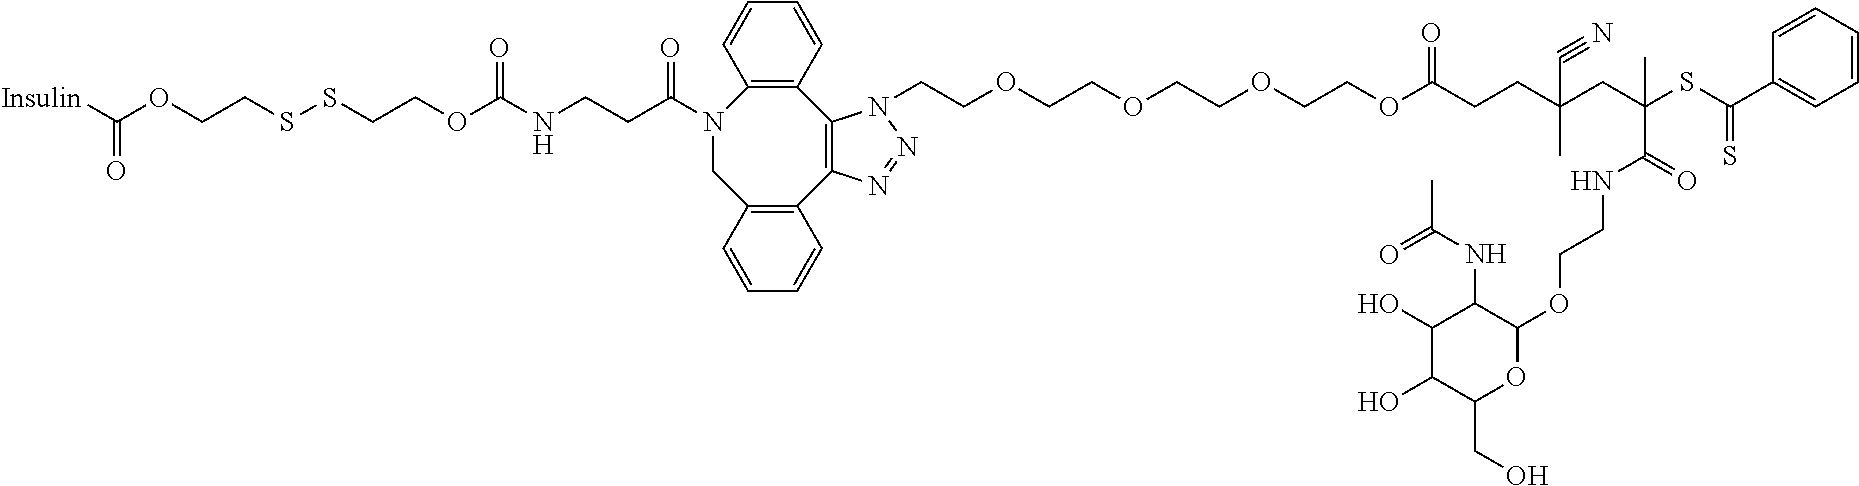 Figure US10046056-20180814-C00033